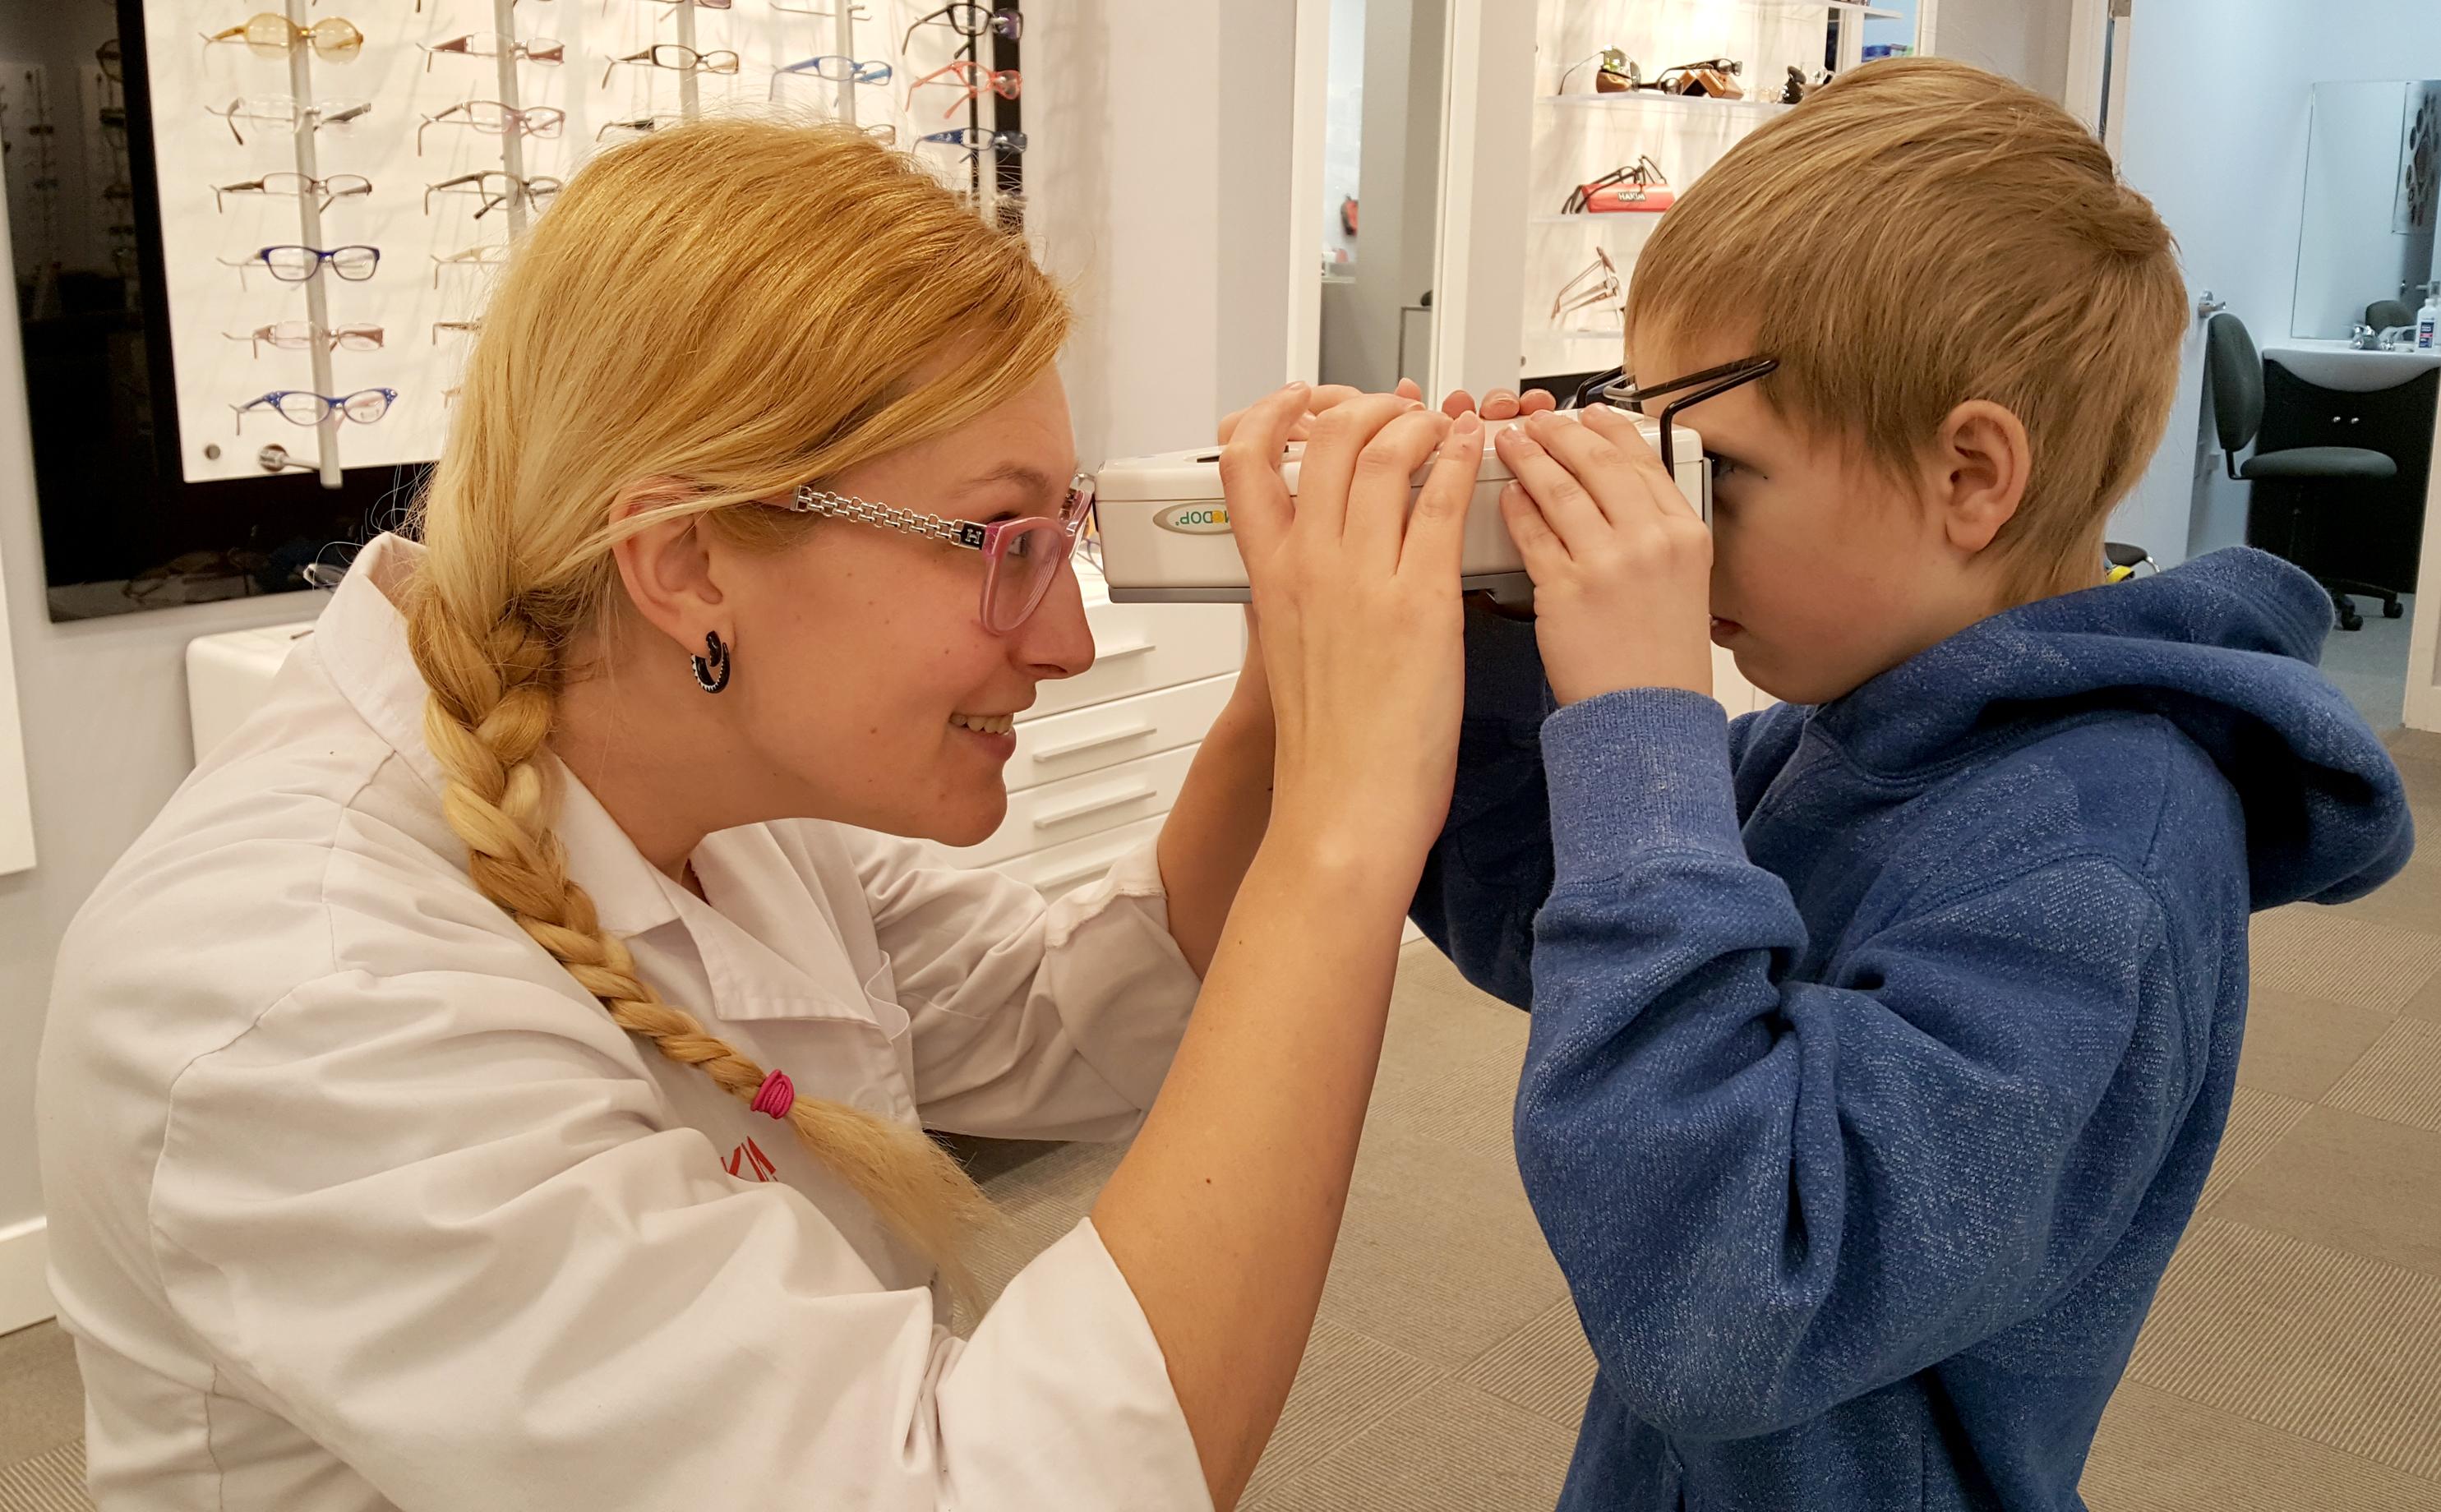 NEXTGEN:Finding happiness in opticianry